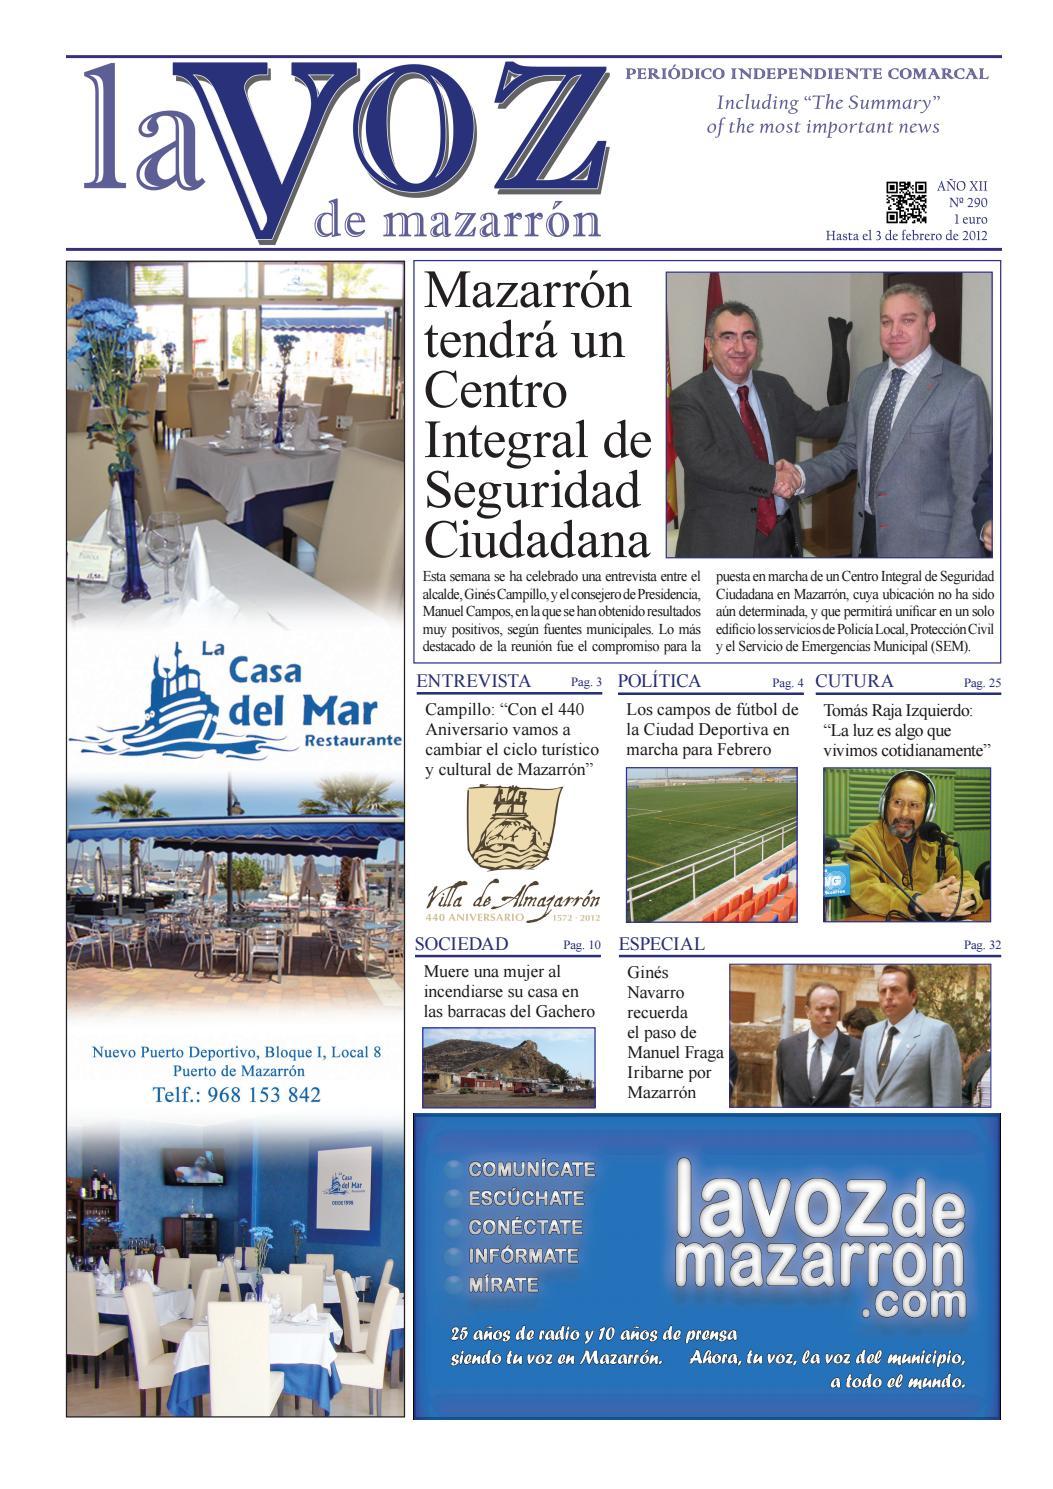 Voz290 by La Voz de Mazarrón (Periódico) - issuu 50c3d03f403c4